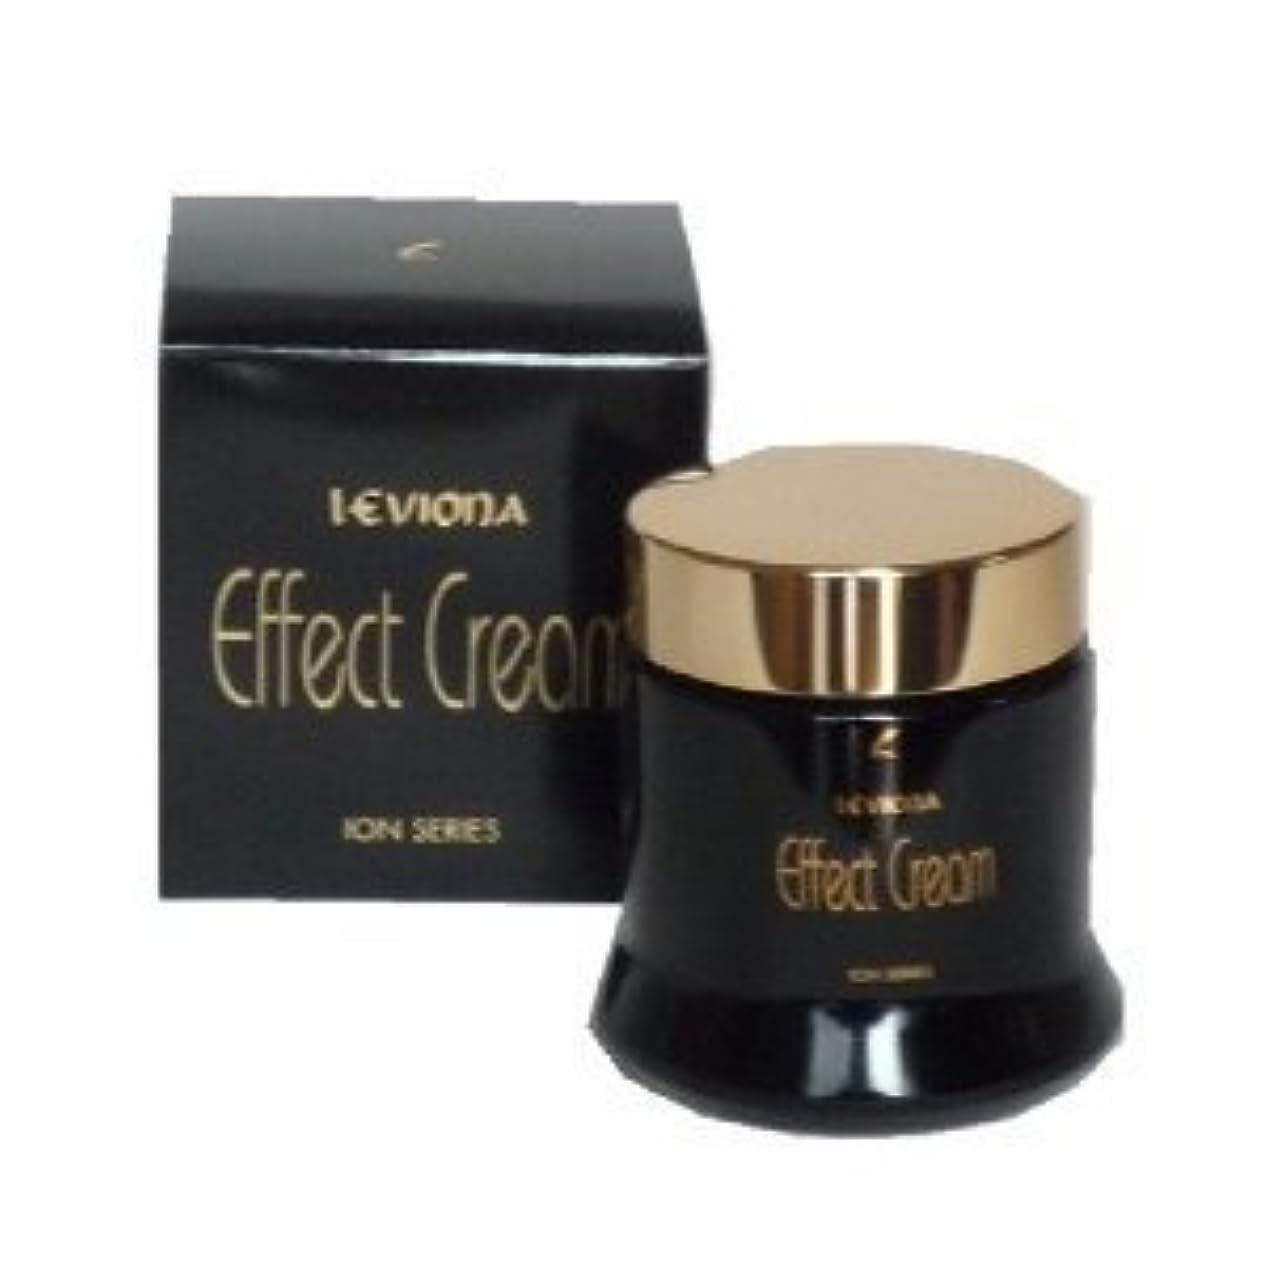 ファブリック代表団不適切なレビオナ化粧品エフェクトクリーム天然イオン配合